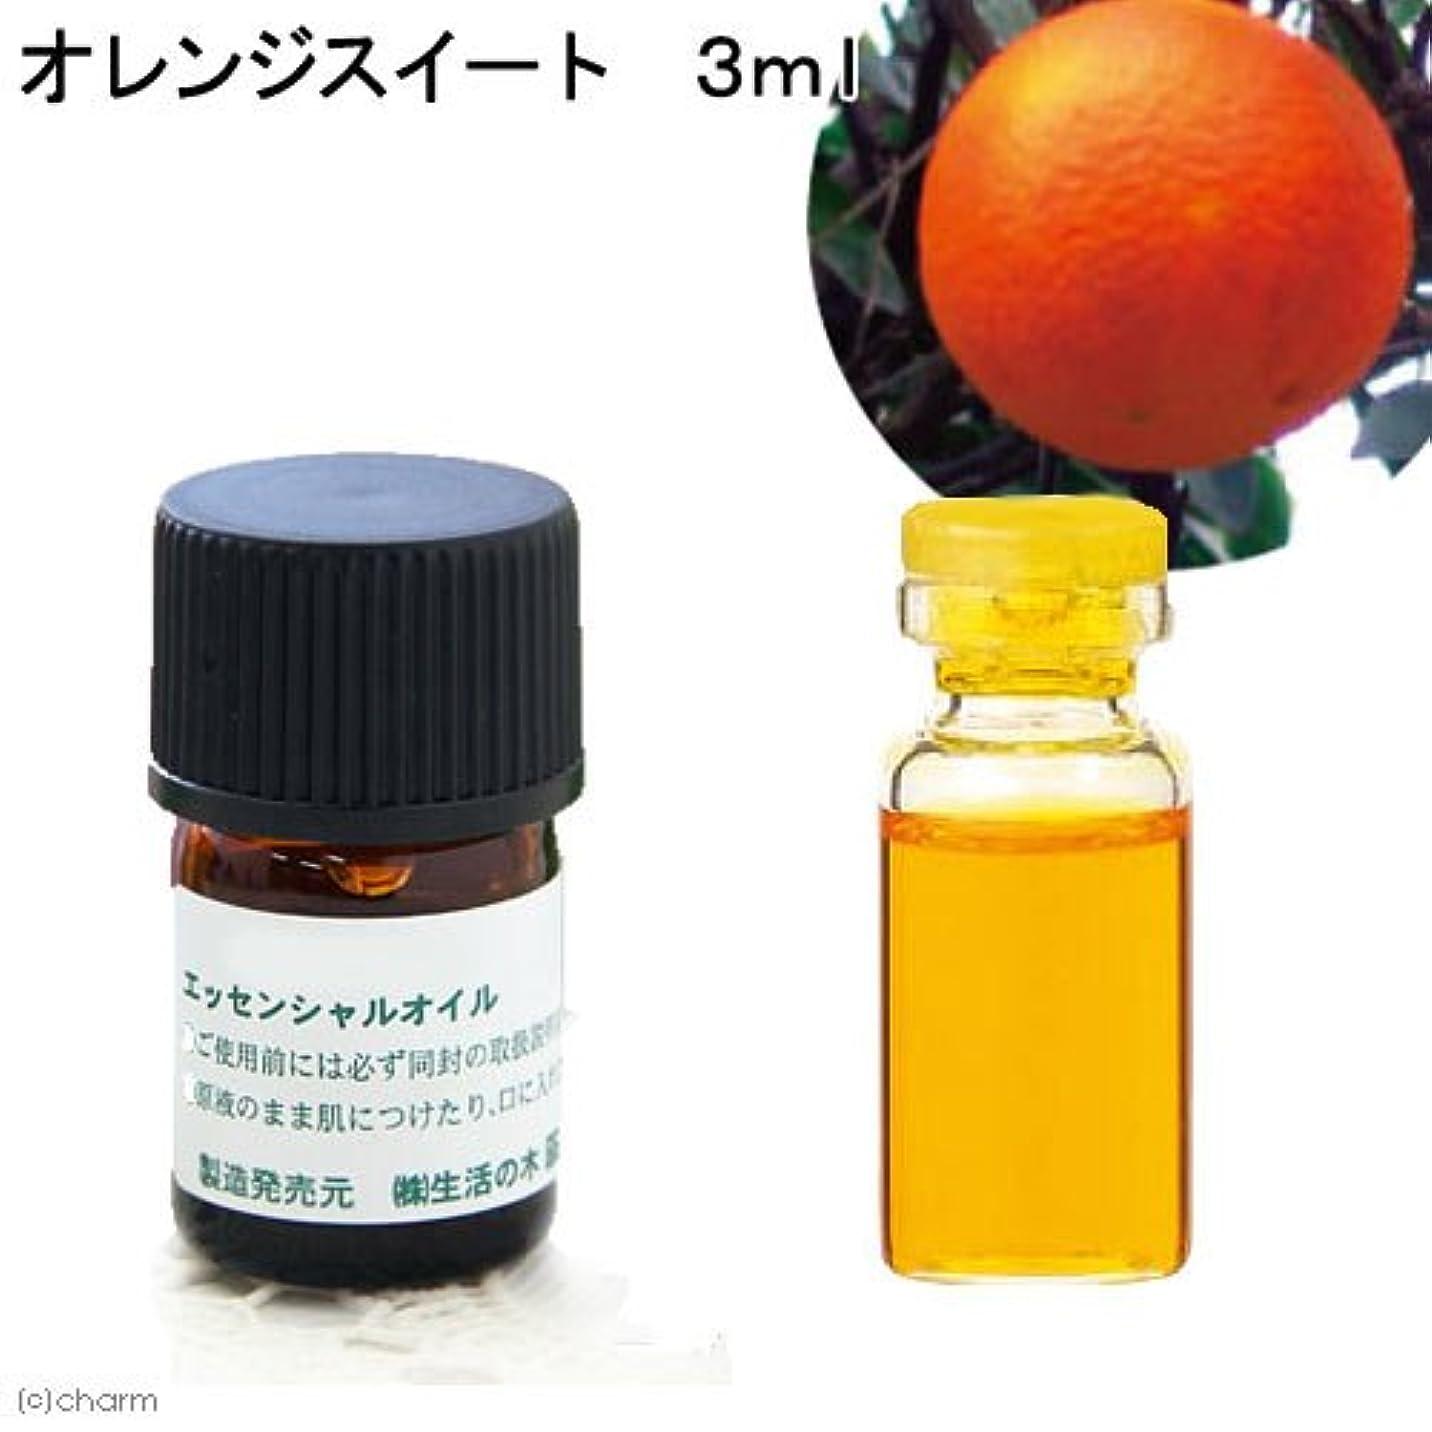 カバー死すべきしゃがむ生活の木 オレンジスイート 3ml